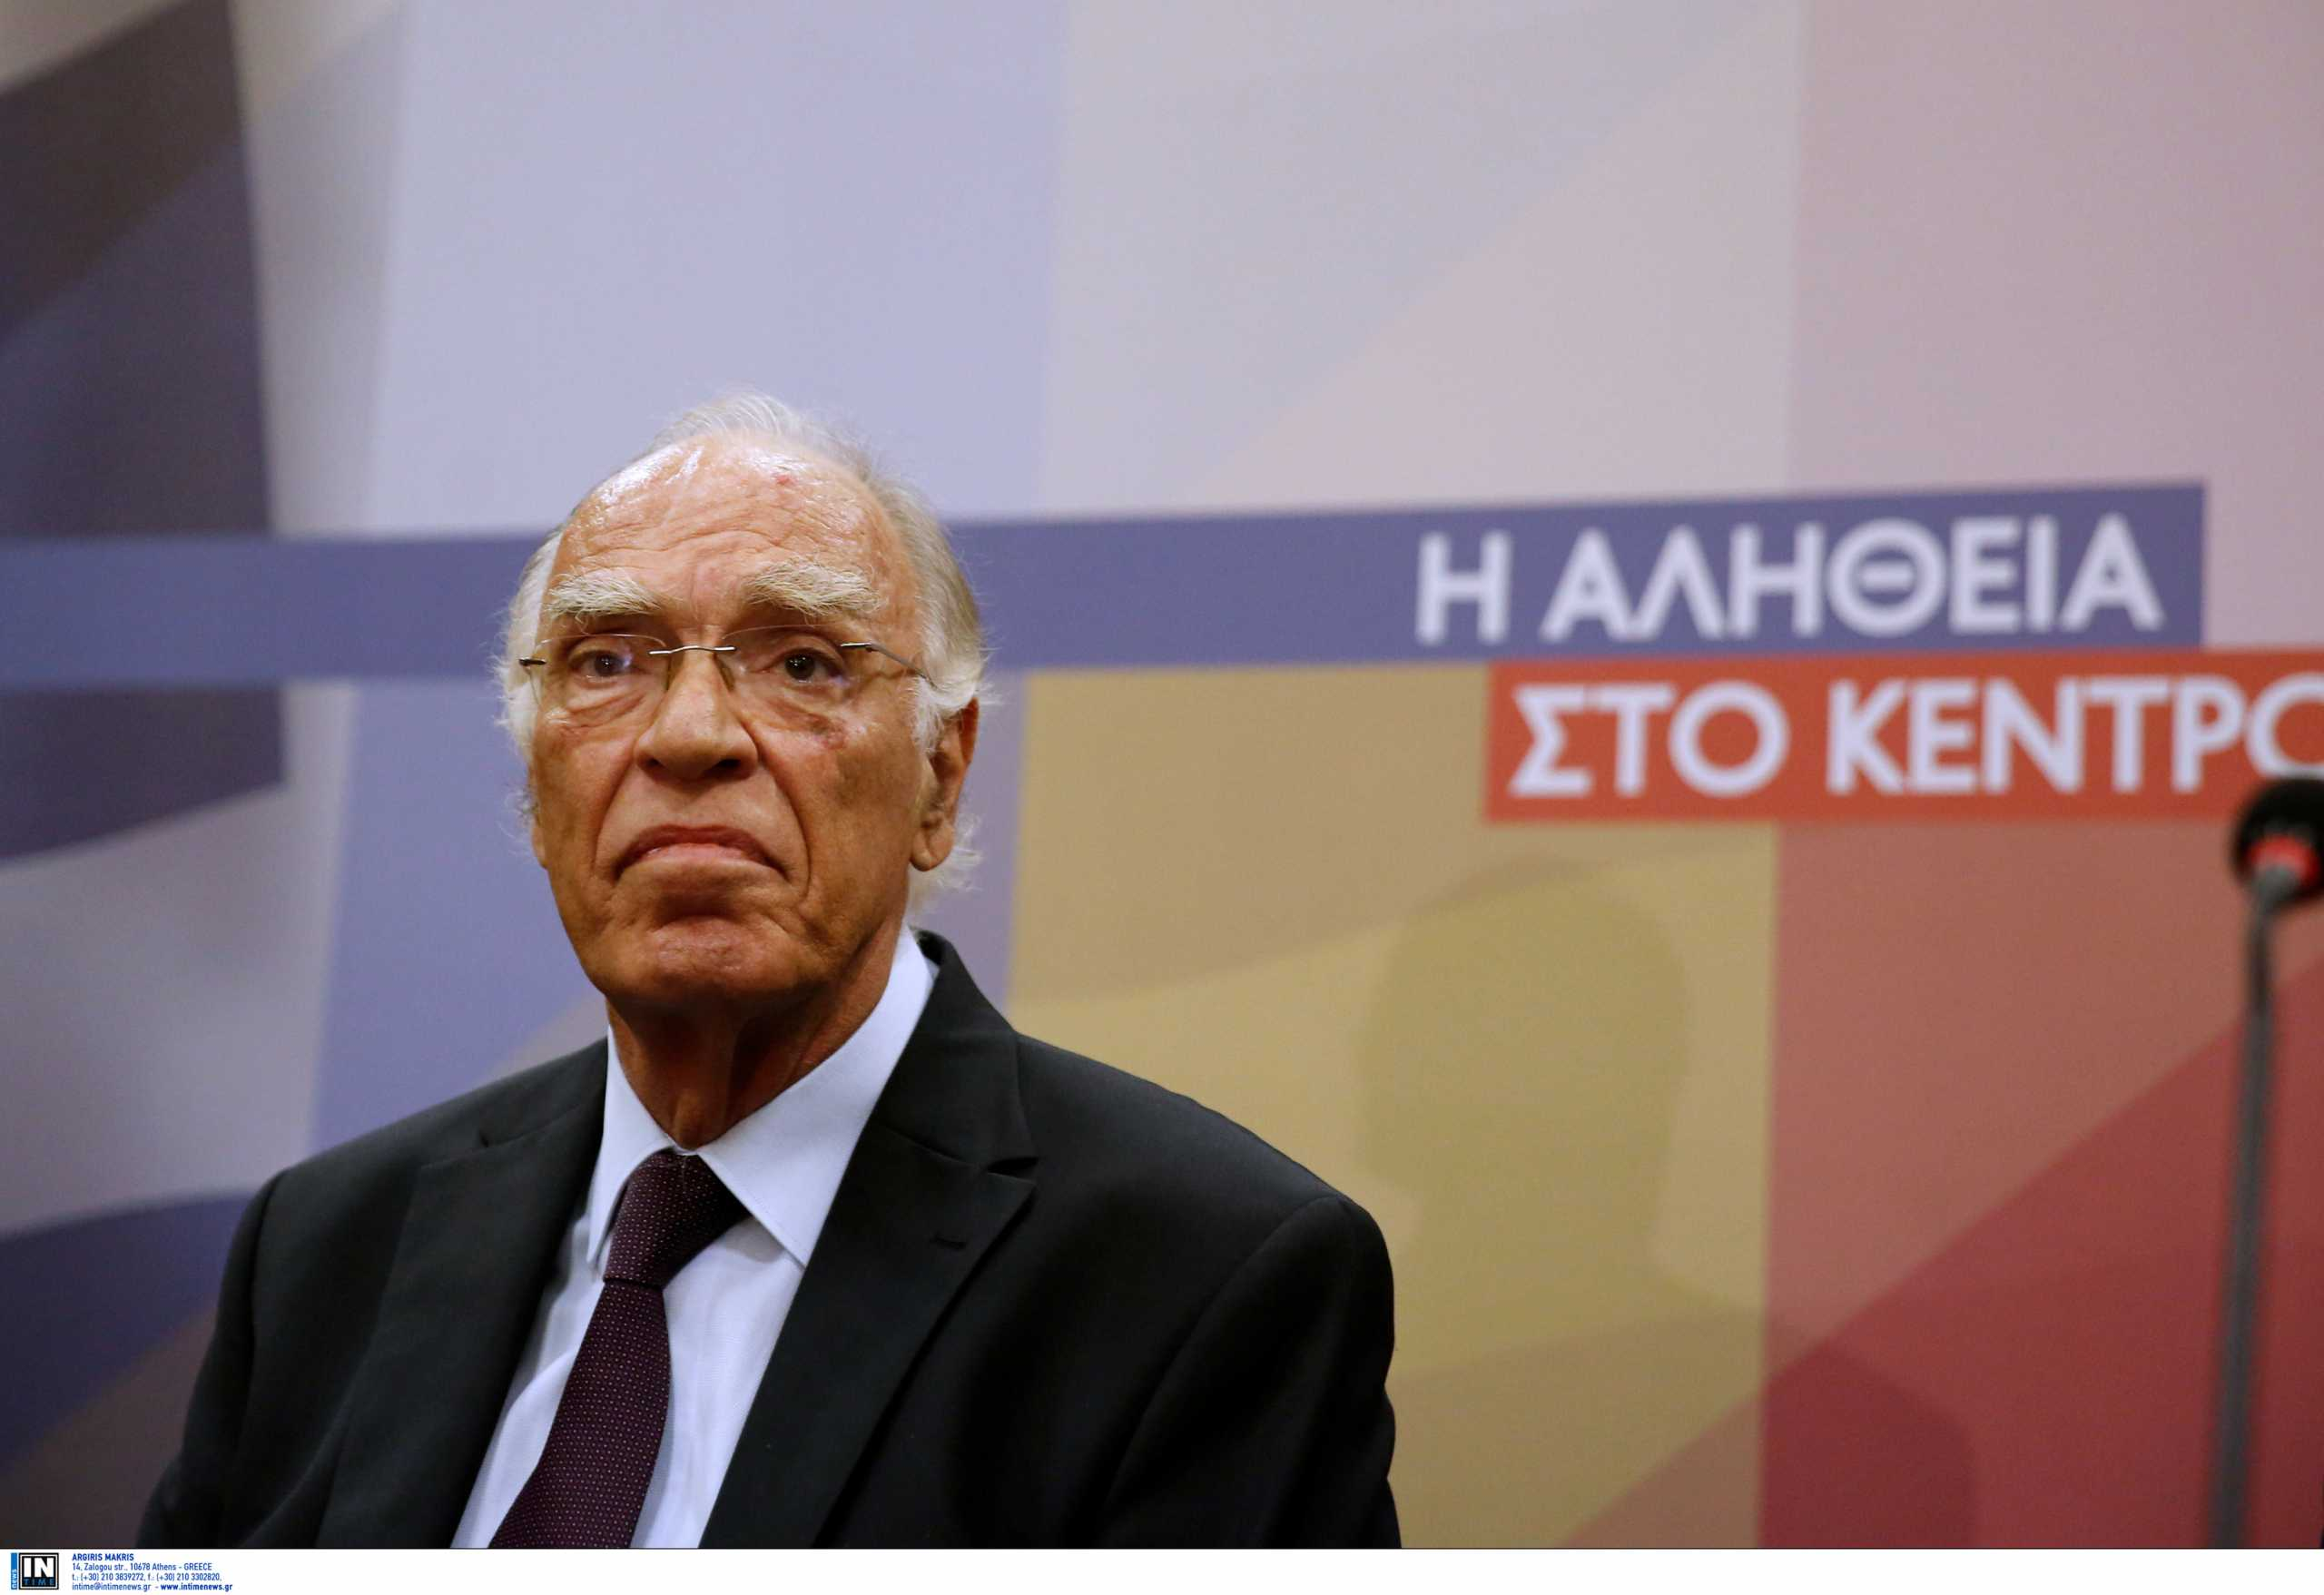 Βασίλης Λεβέντης: Ανακοίνωση της Ένωσης Κεντρώων για τη μάχη του με τον κορονοϊό